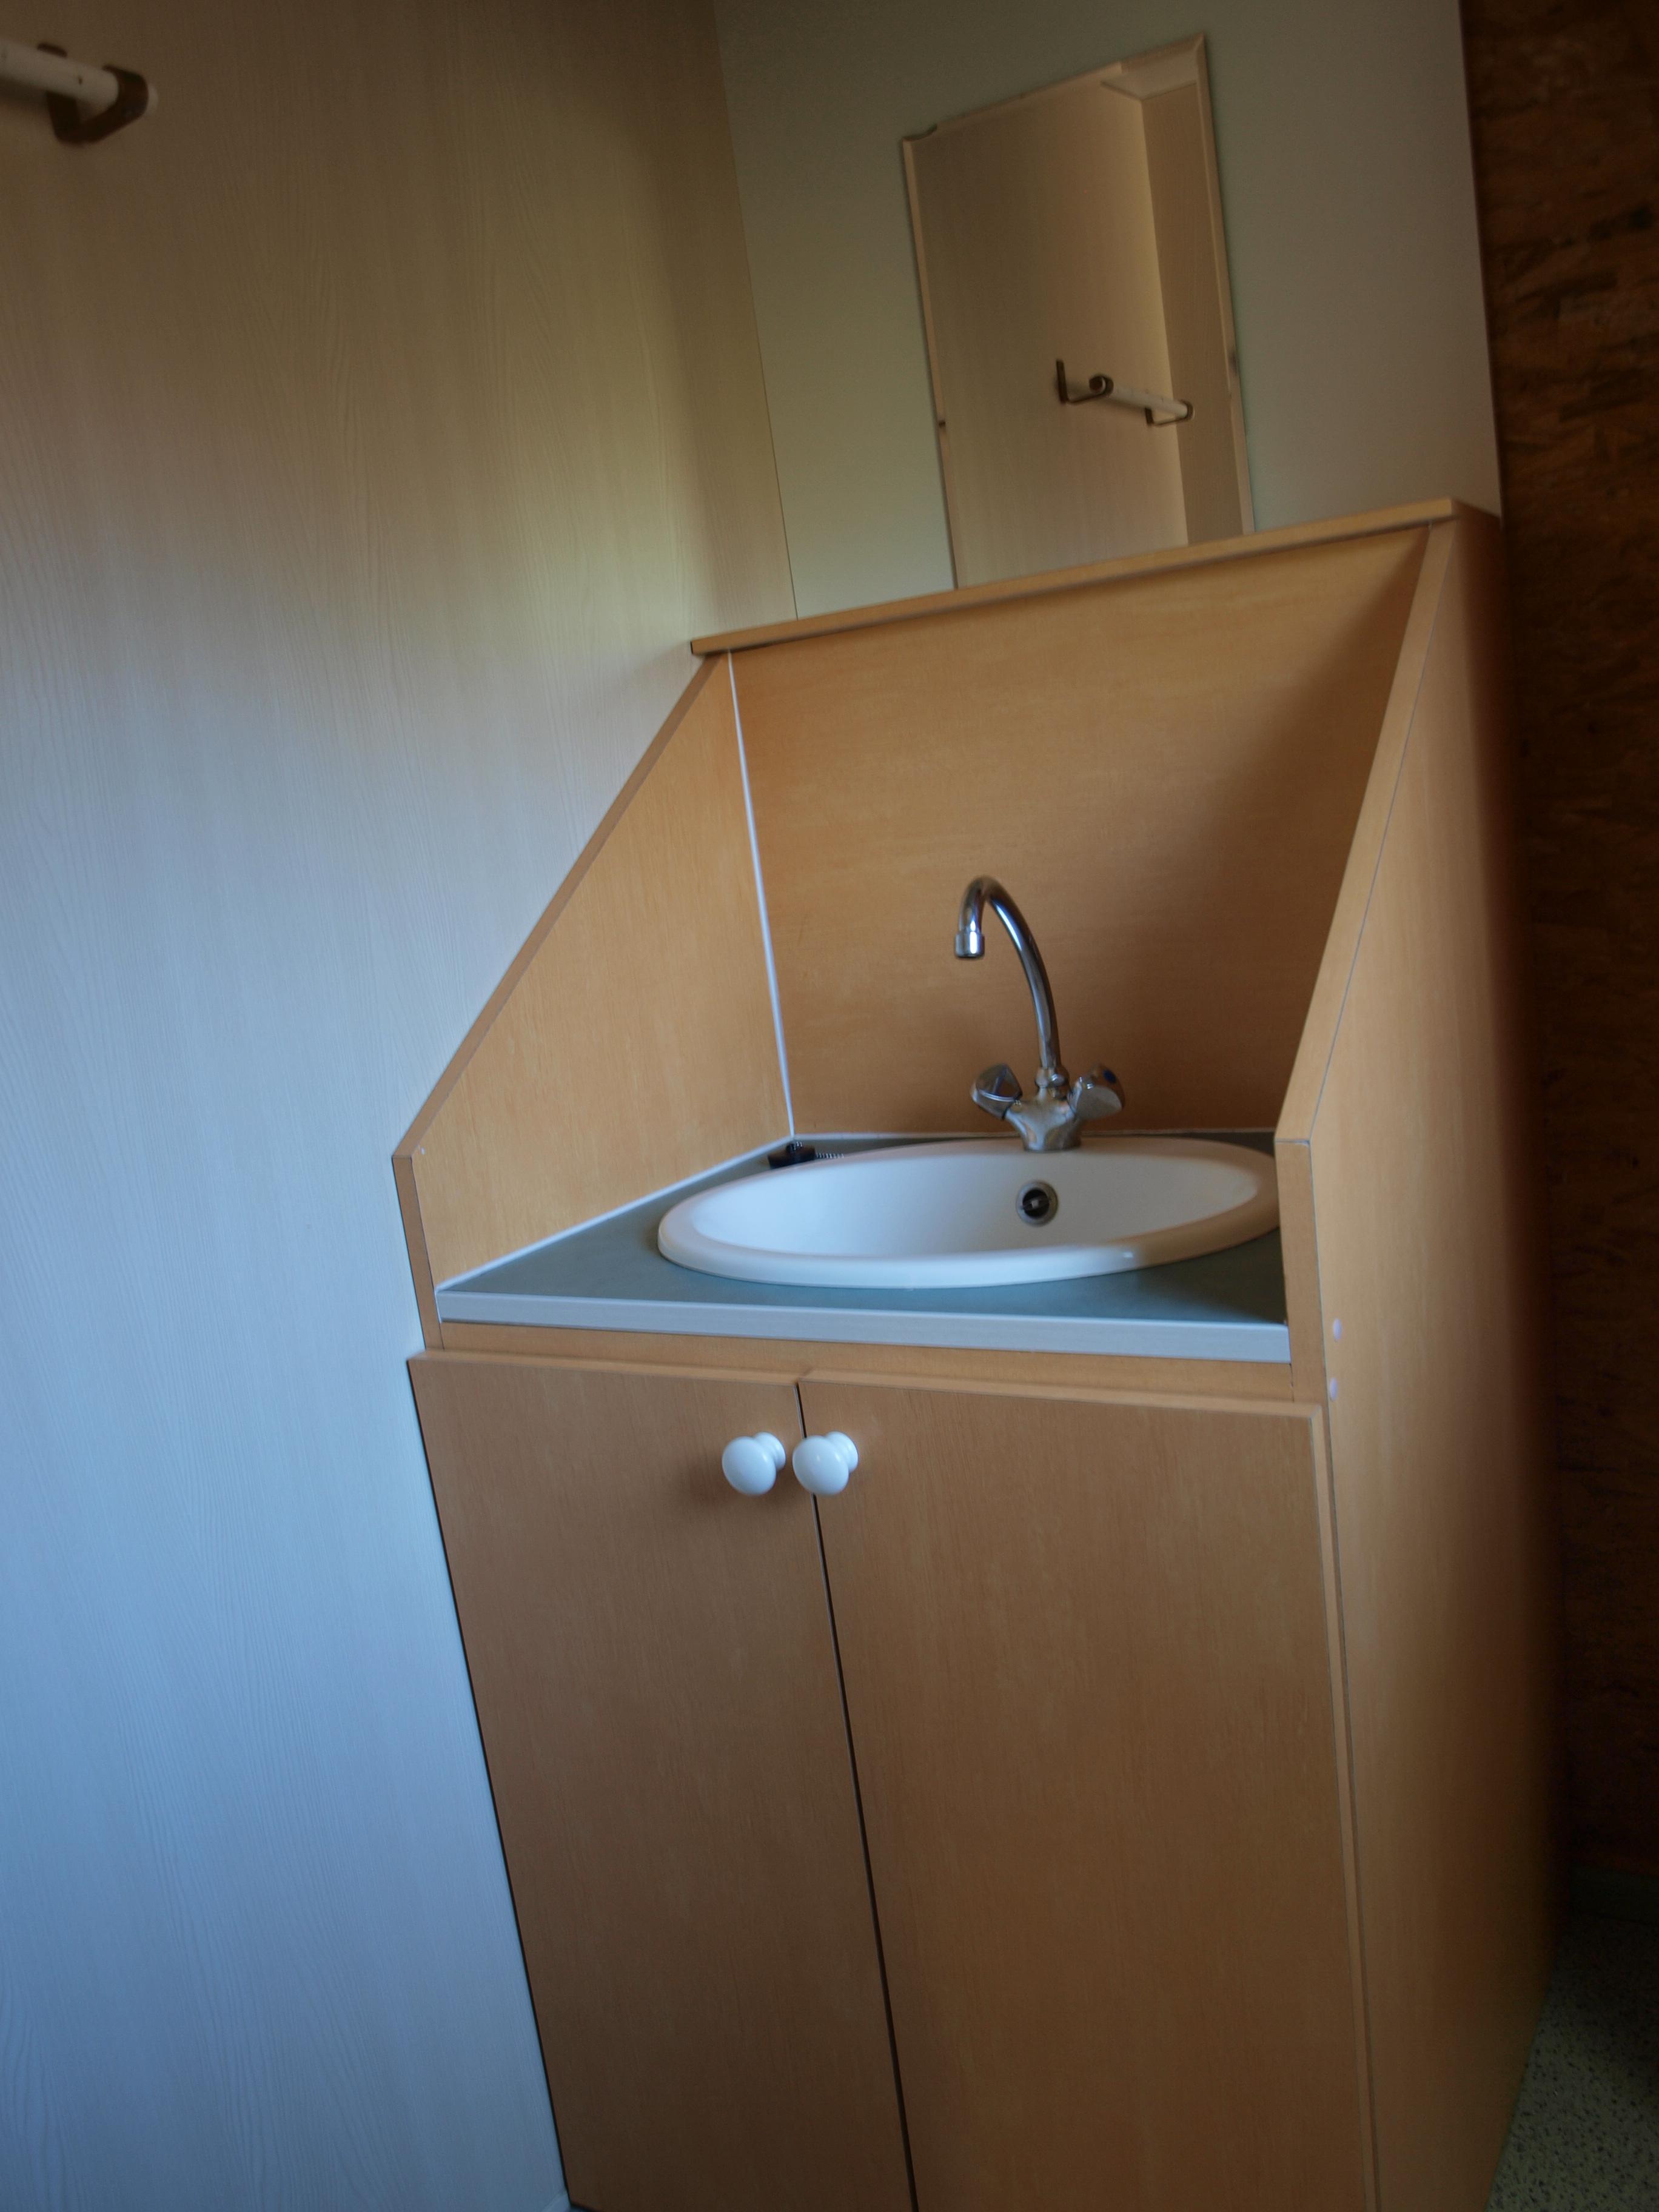 Lavabo Personne Mobilité Réduite châlet pour 4 personnes, wc et lavabo - camping 3 étoiles la